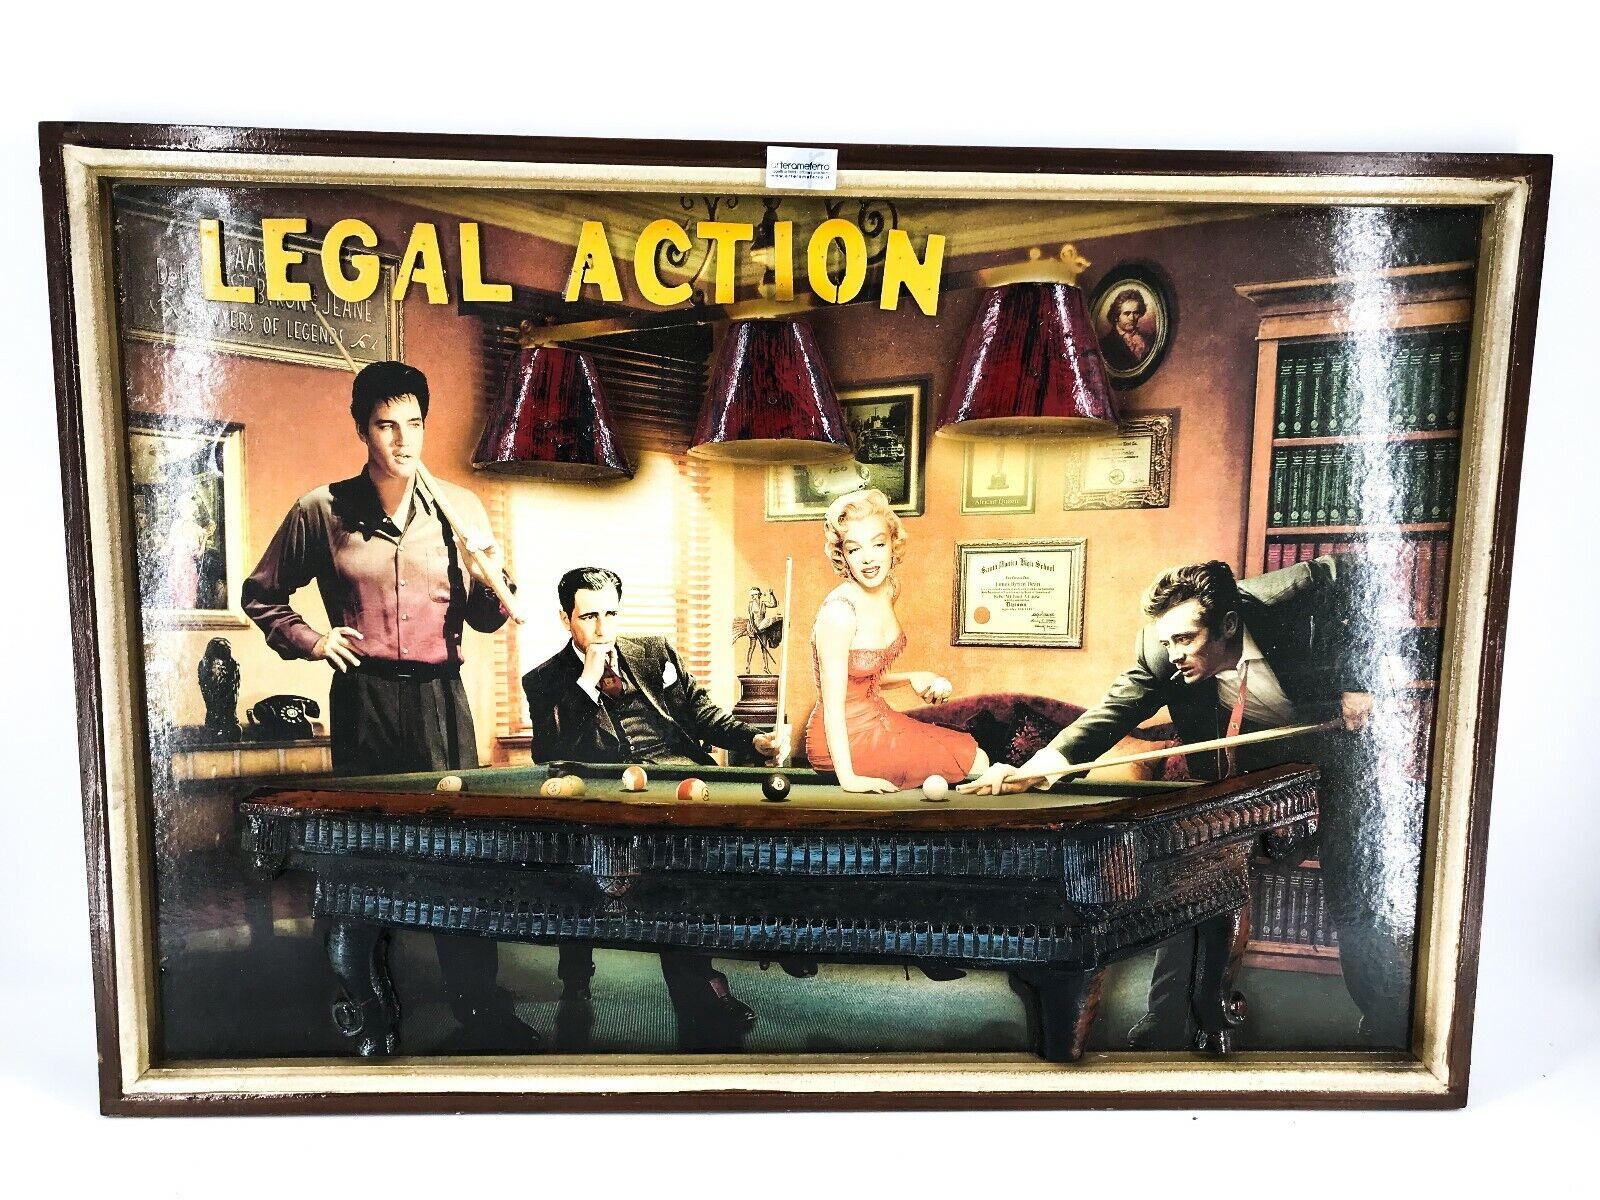 Tisch in Holz Möbel bar Spielzimmer Slot Film Vintage Historische Legal Action